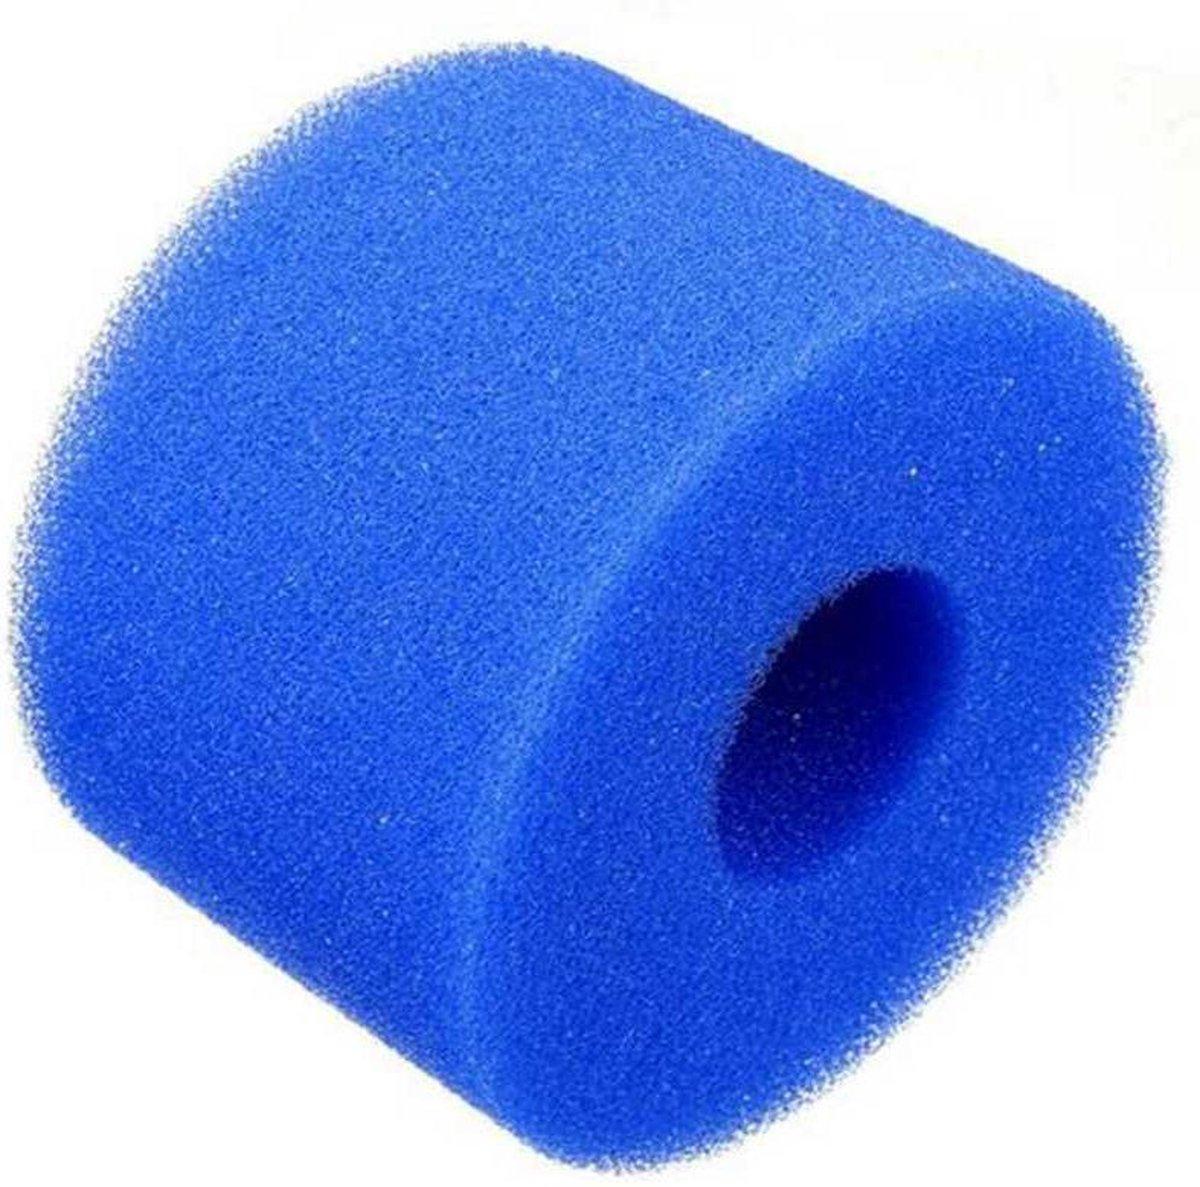 Herbruikbare wasbare filter spons schuimpatroon voor Intex S1 Type